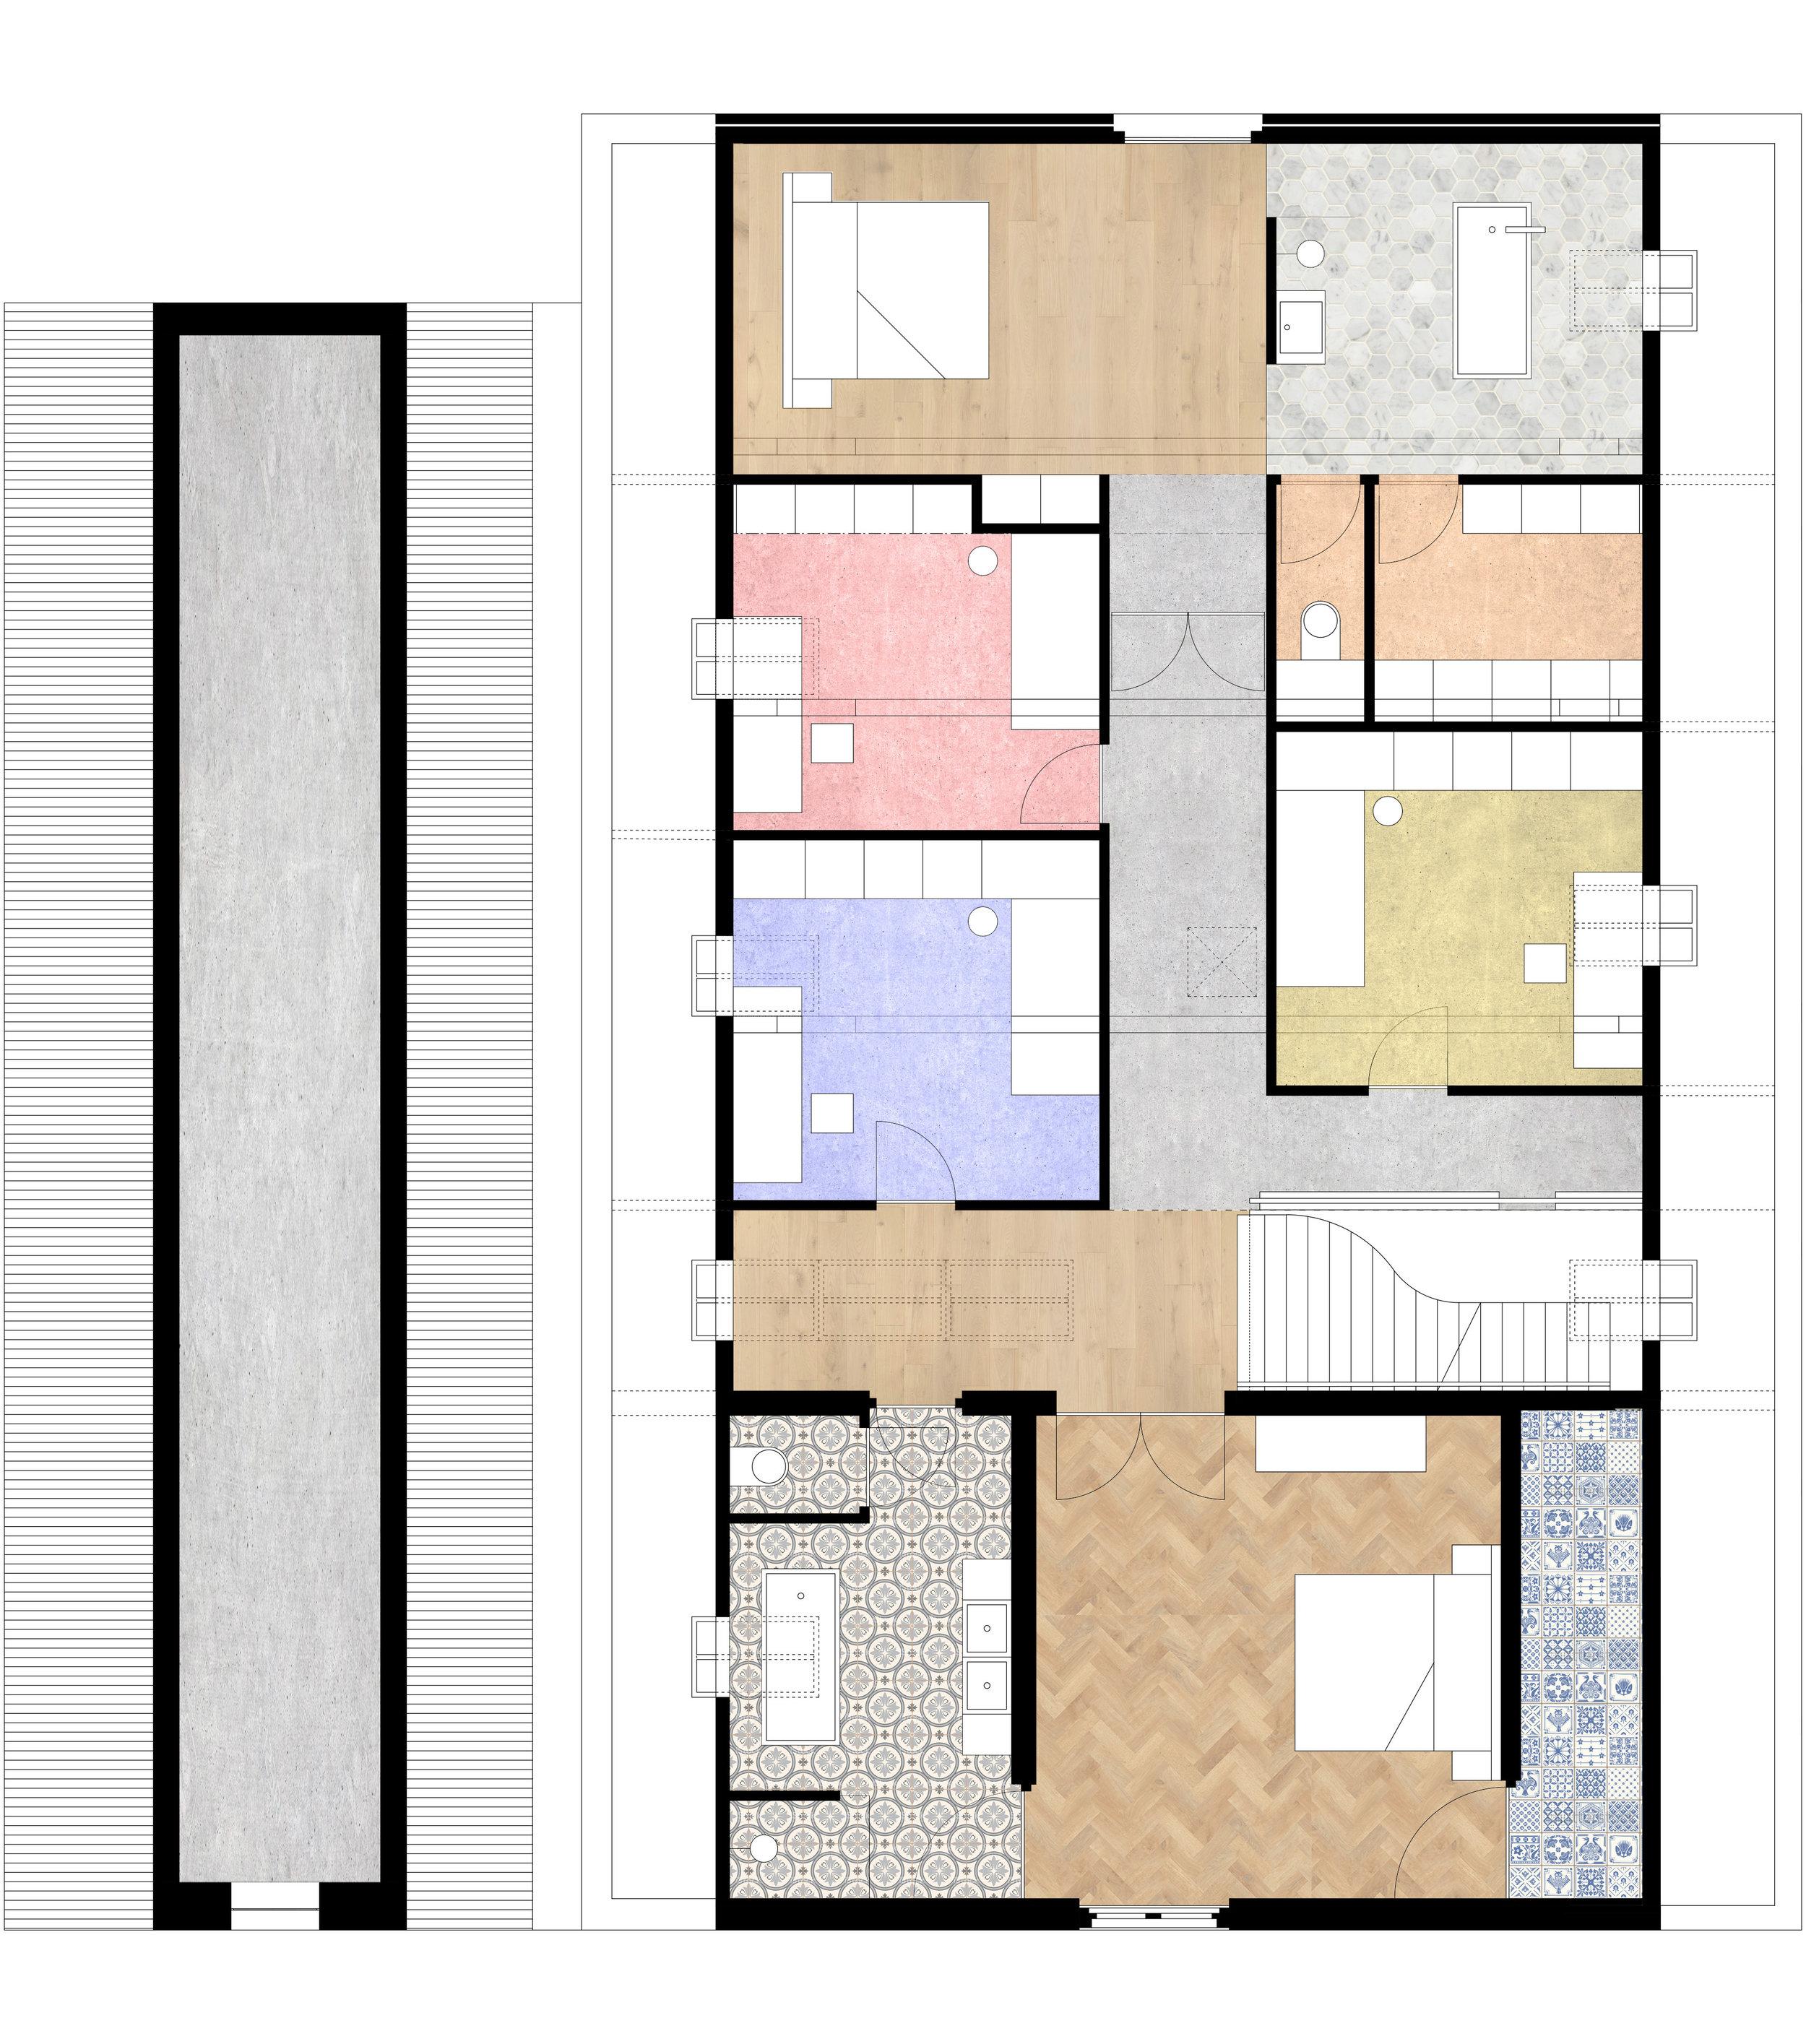 Plattegrond van de verdieping van het landhuis en de zolder van de boerderij. Ontwerp met de nieuwe indeling van de slaapkamers en badkamers.